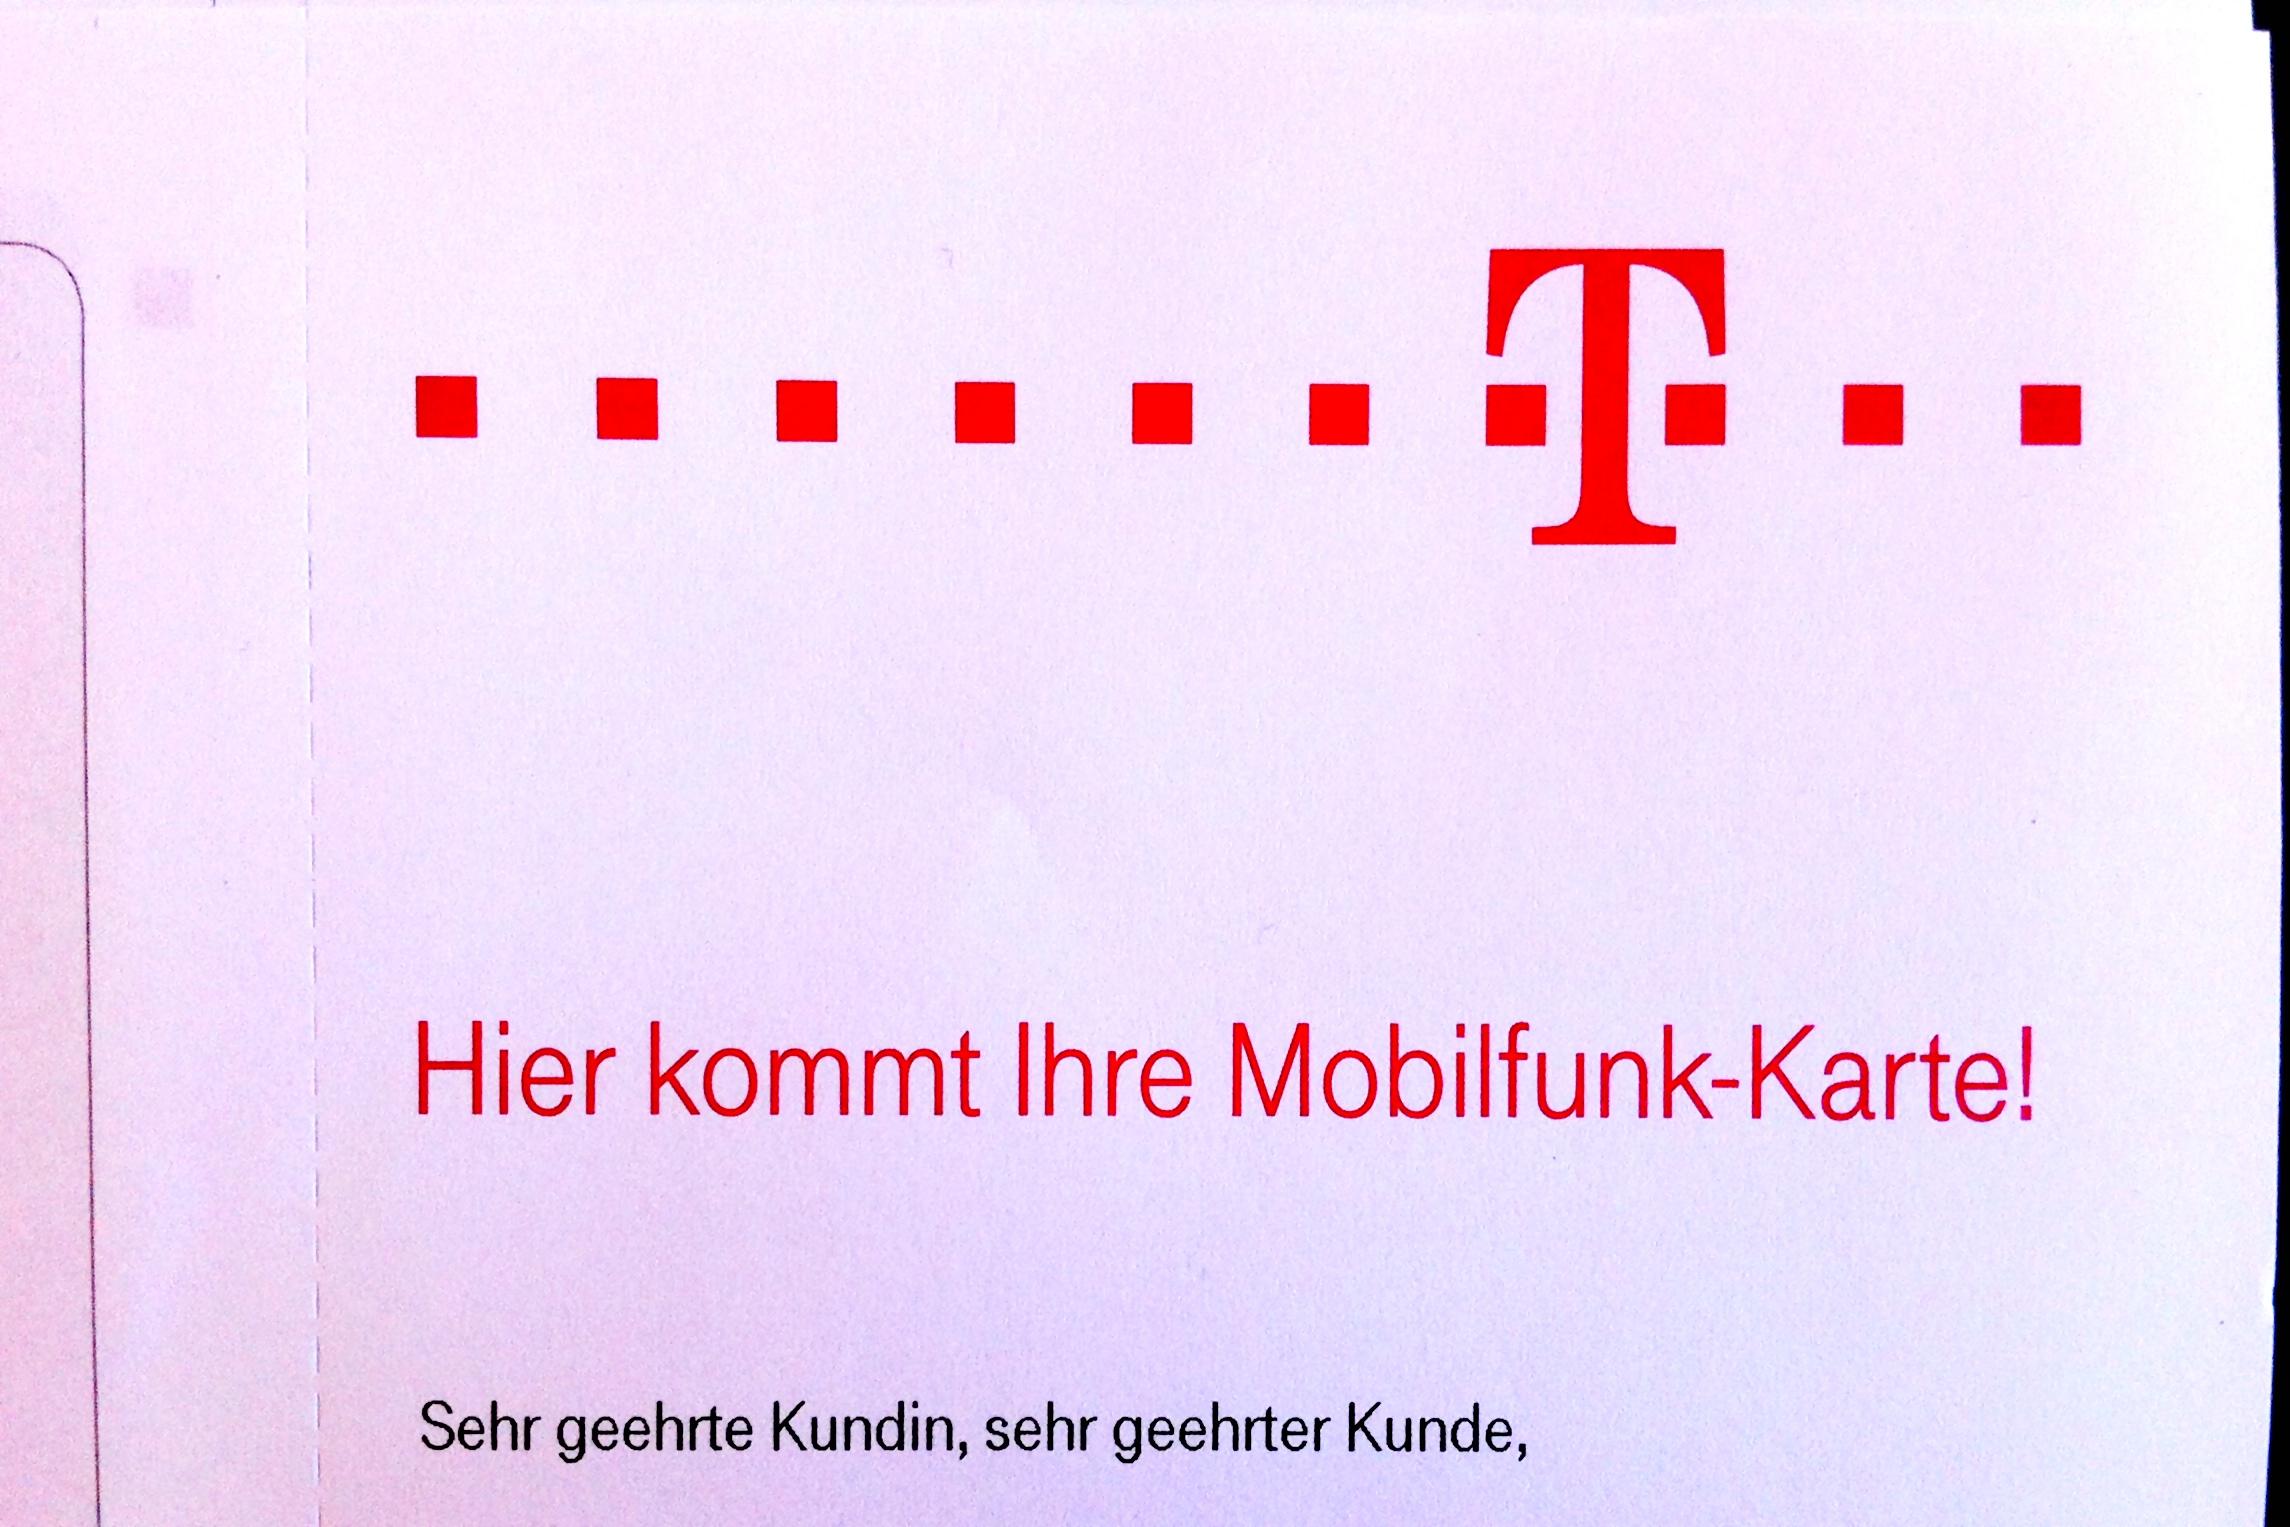 Ein offener mobiler Brief an die Telekom